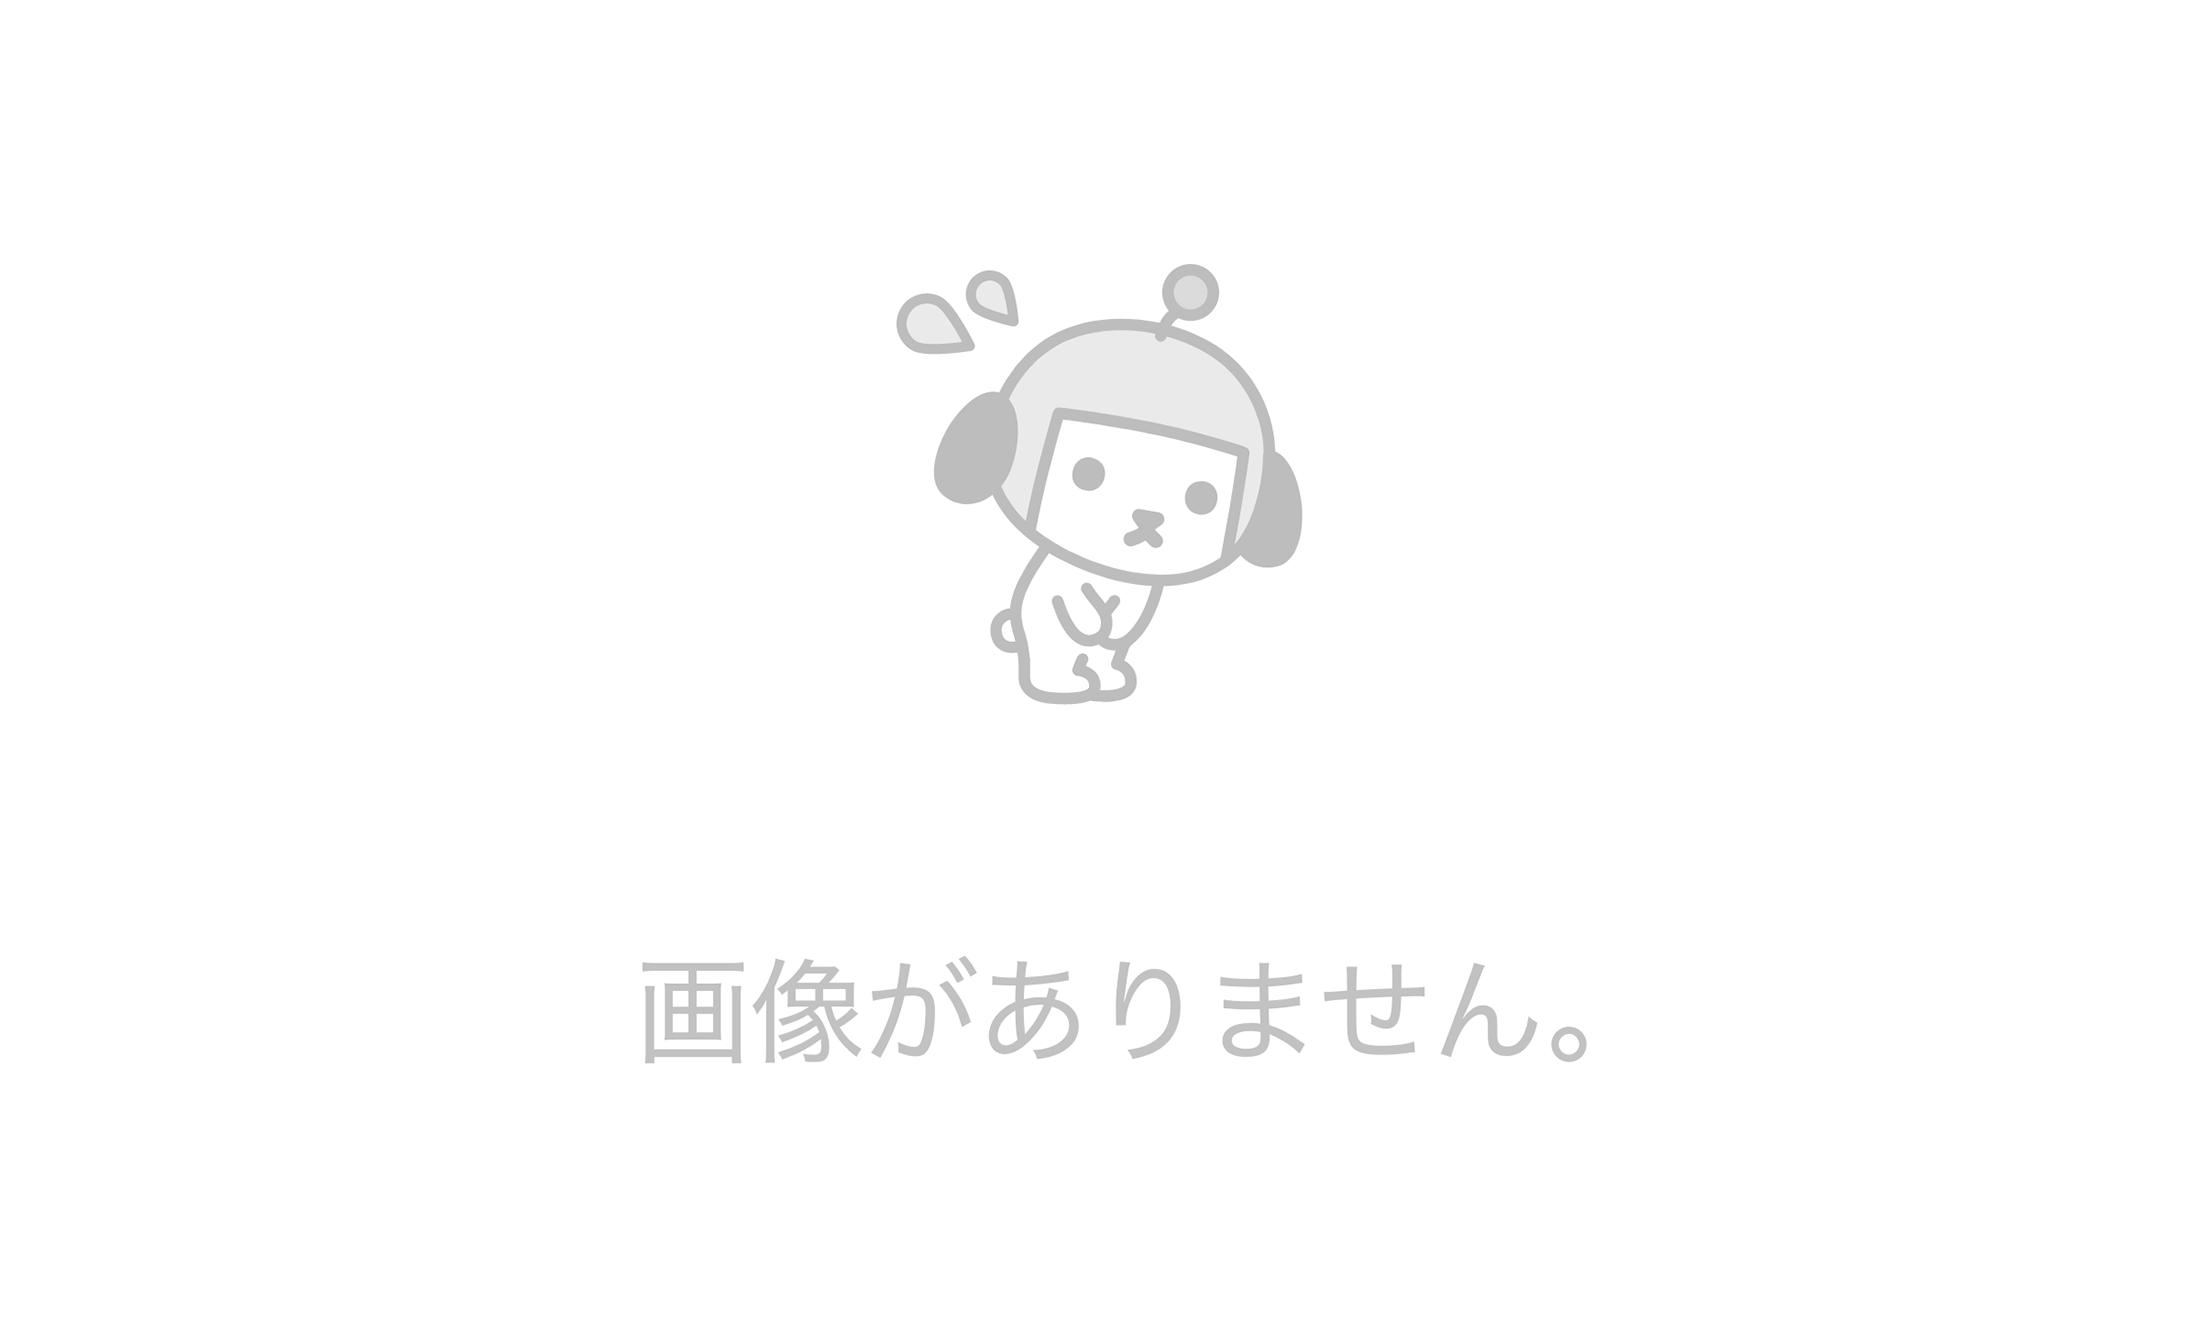 [文化財保護・芸術研究助成財団]の画像